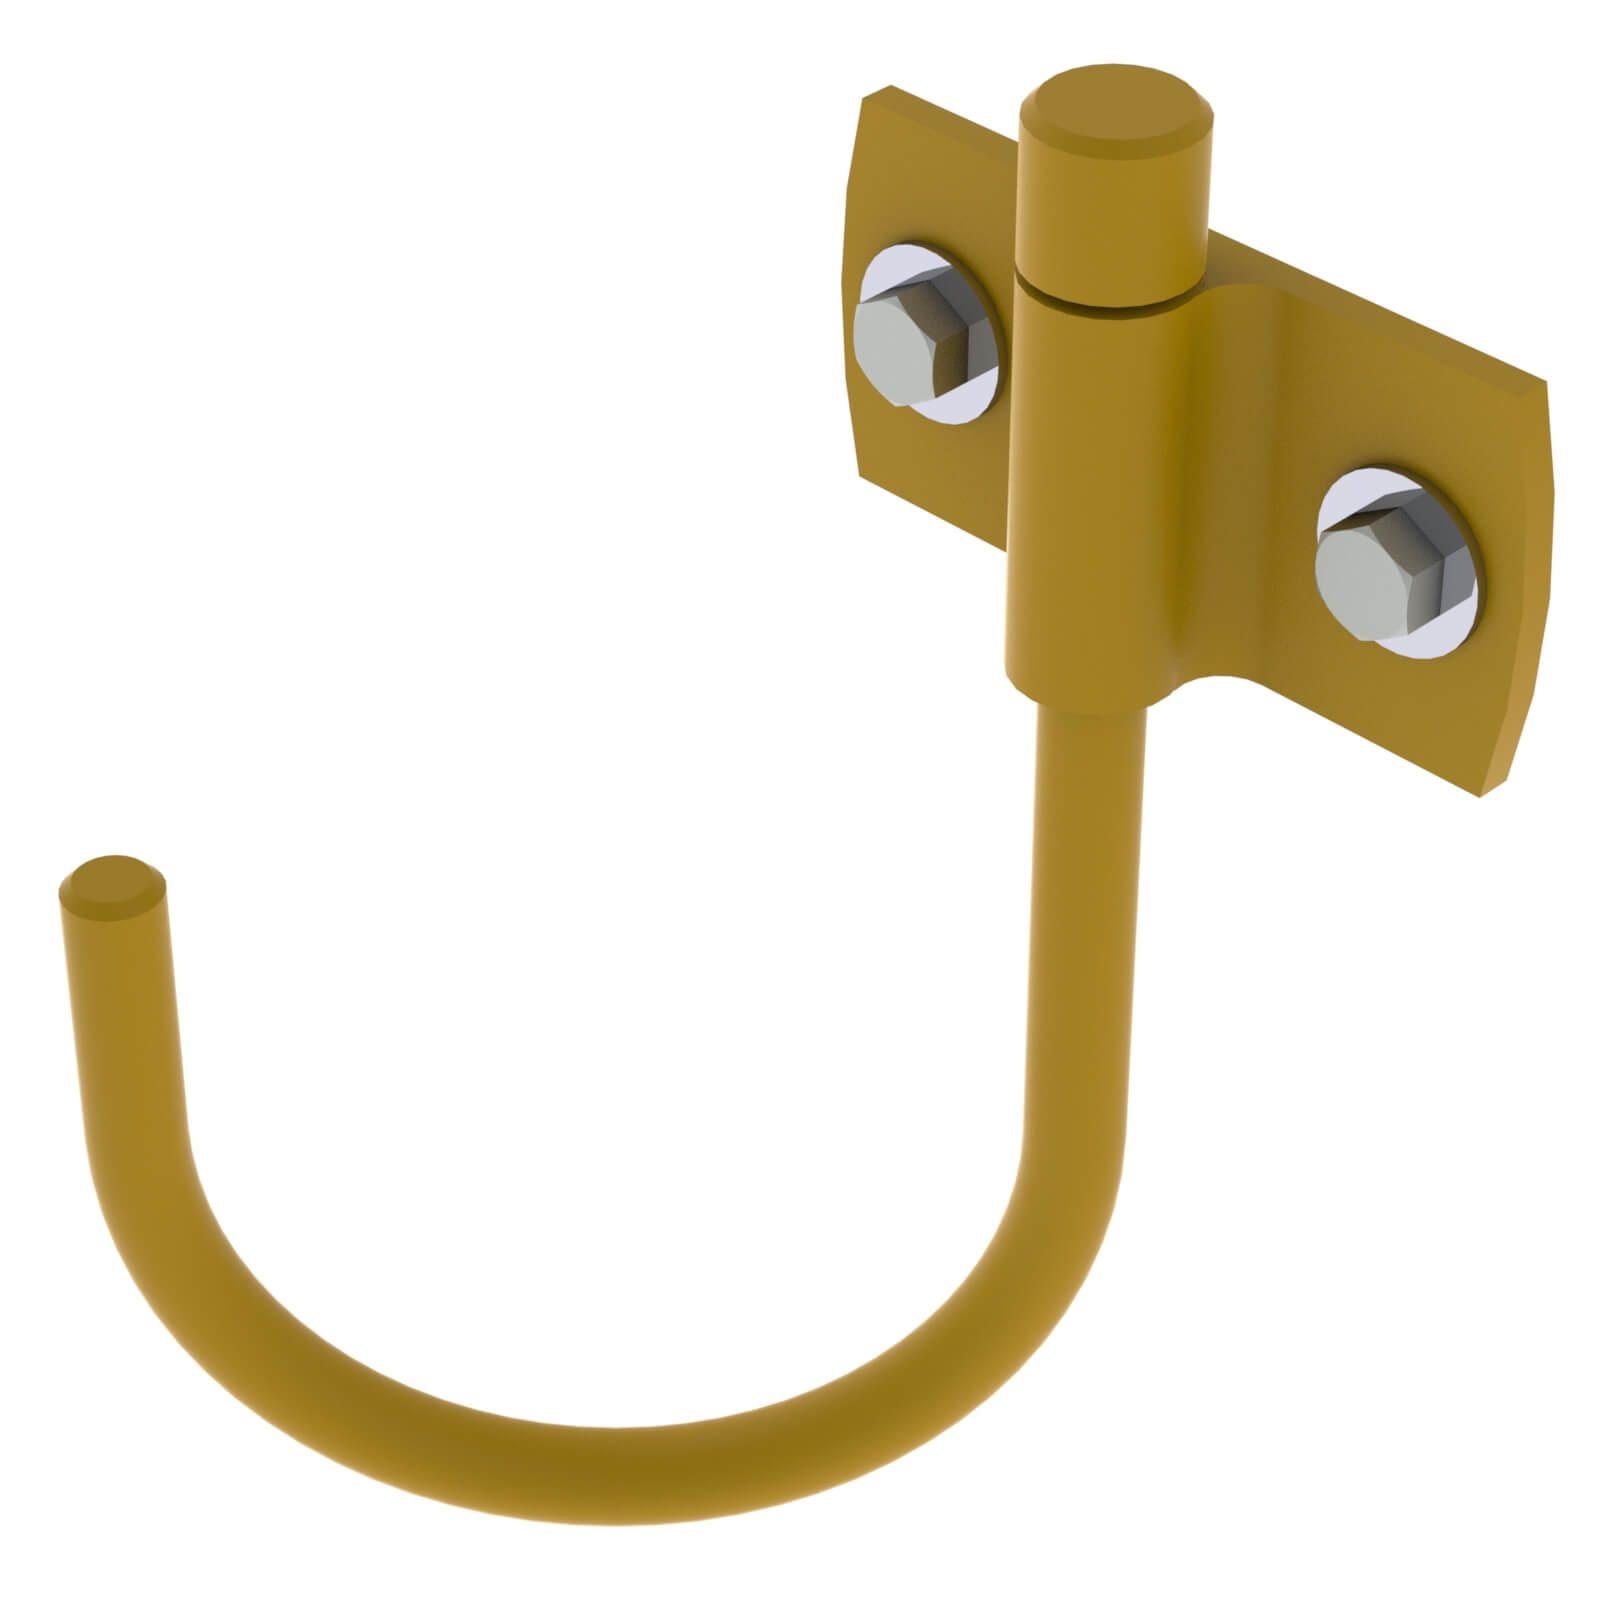 8 Inch Swivel Hook, Cargo Van Accessory - Ranger Design